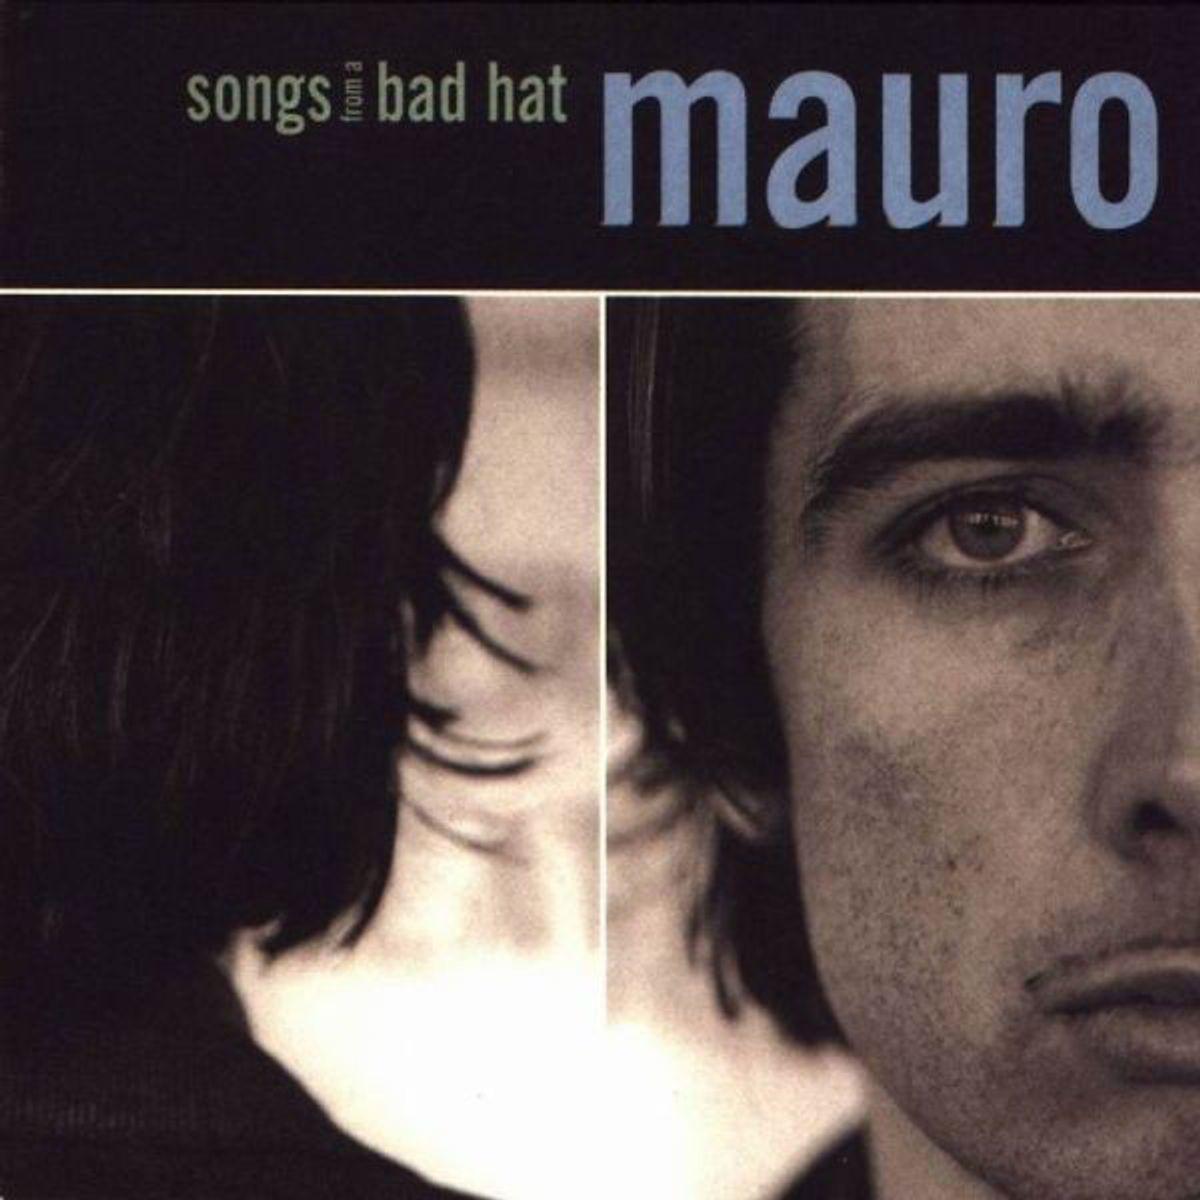 #HetHeiligeJaar2001 - Mauro - 'Songs From A Bad Hat'